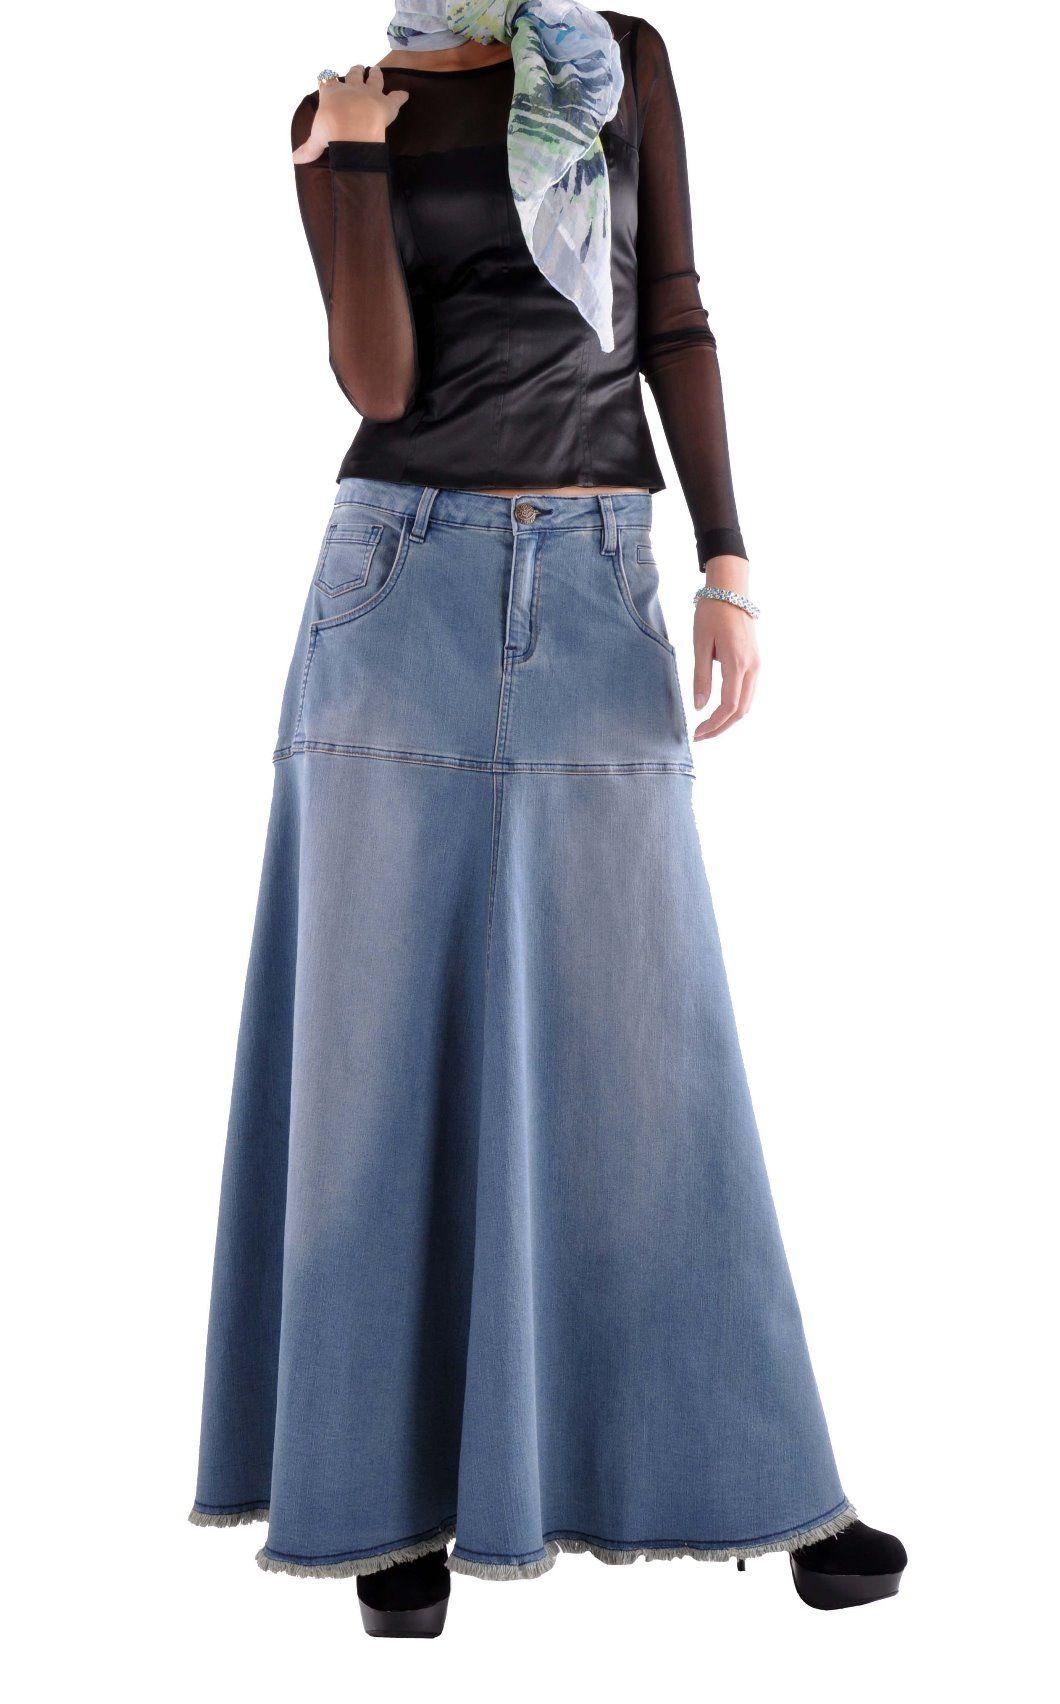 Flowing Love Long Jean Skirt - Plus Size   Wish List   Pinterest ...